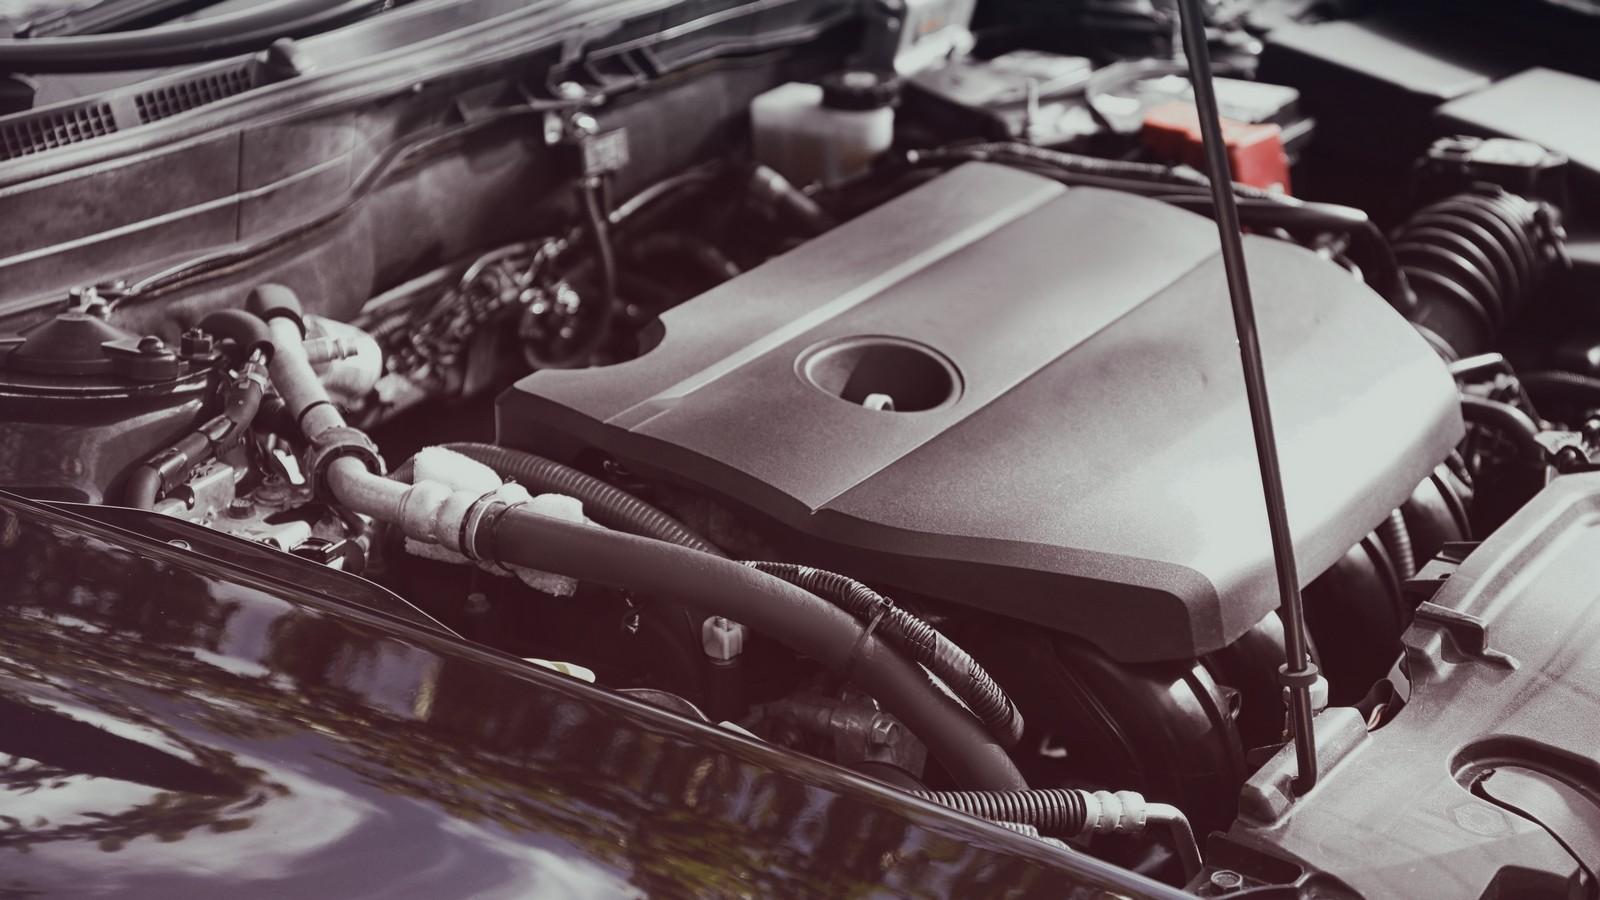 Car engine, closeup